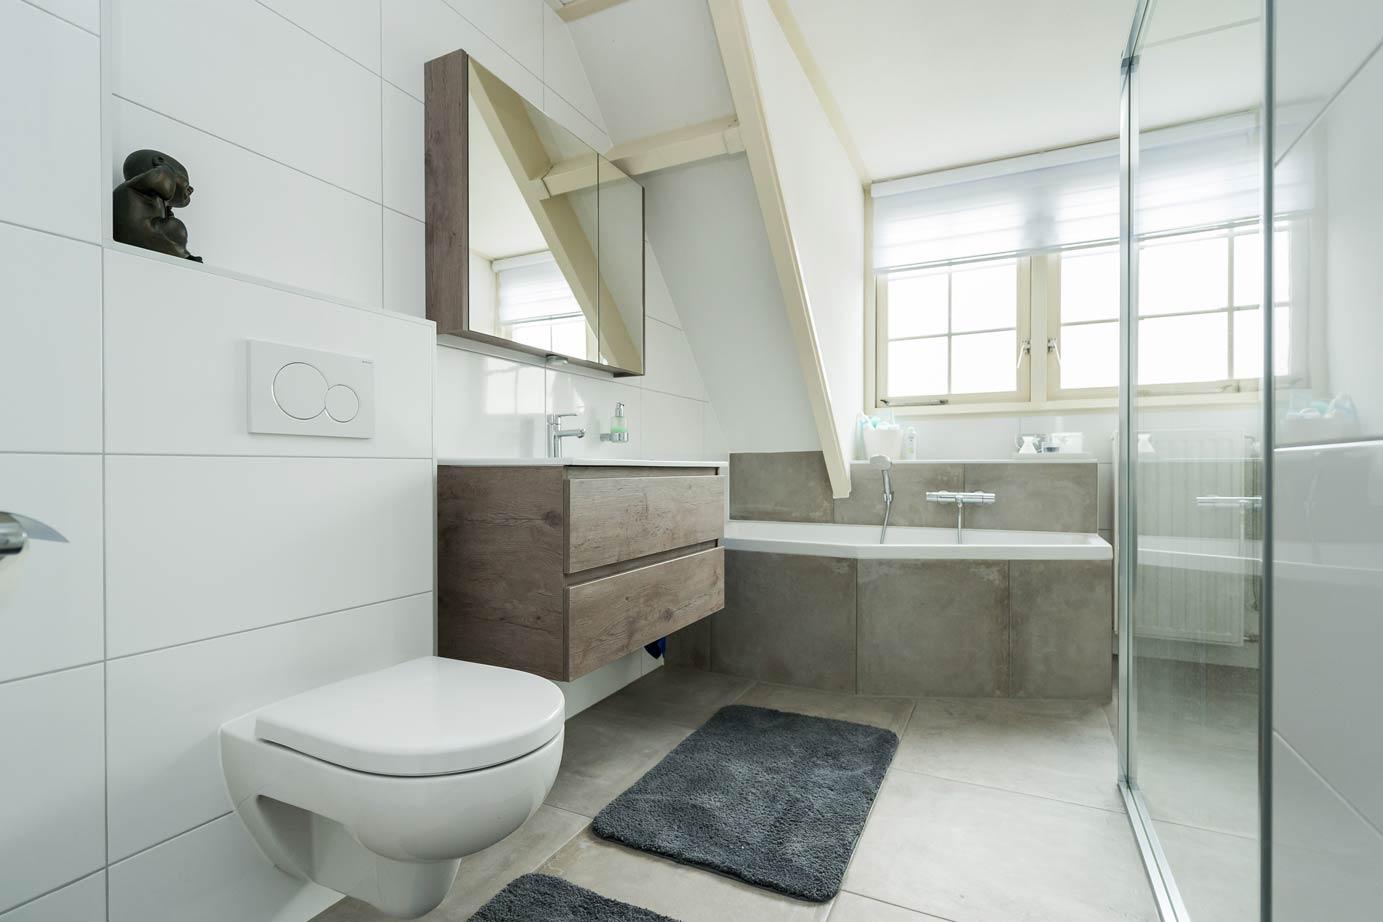 Welke Badkamer Magazine : Zien deze decotrends tillen het interieur van jouw badkamer